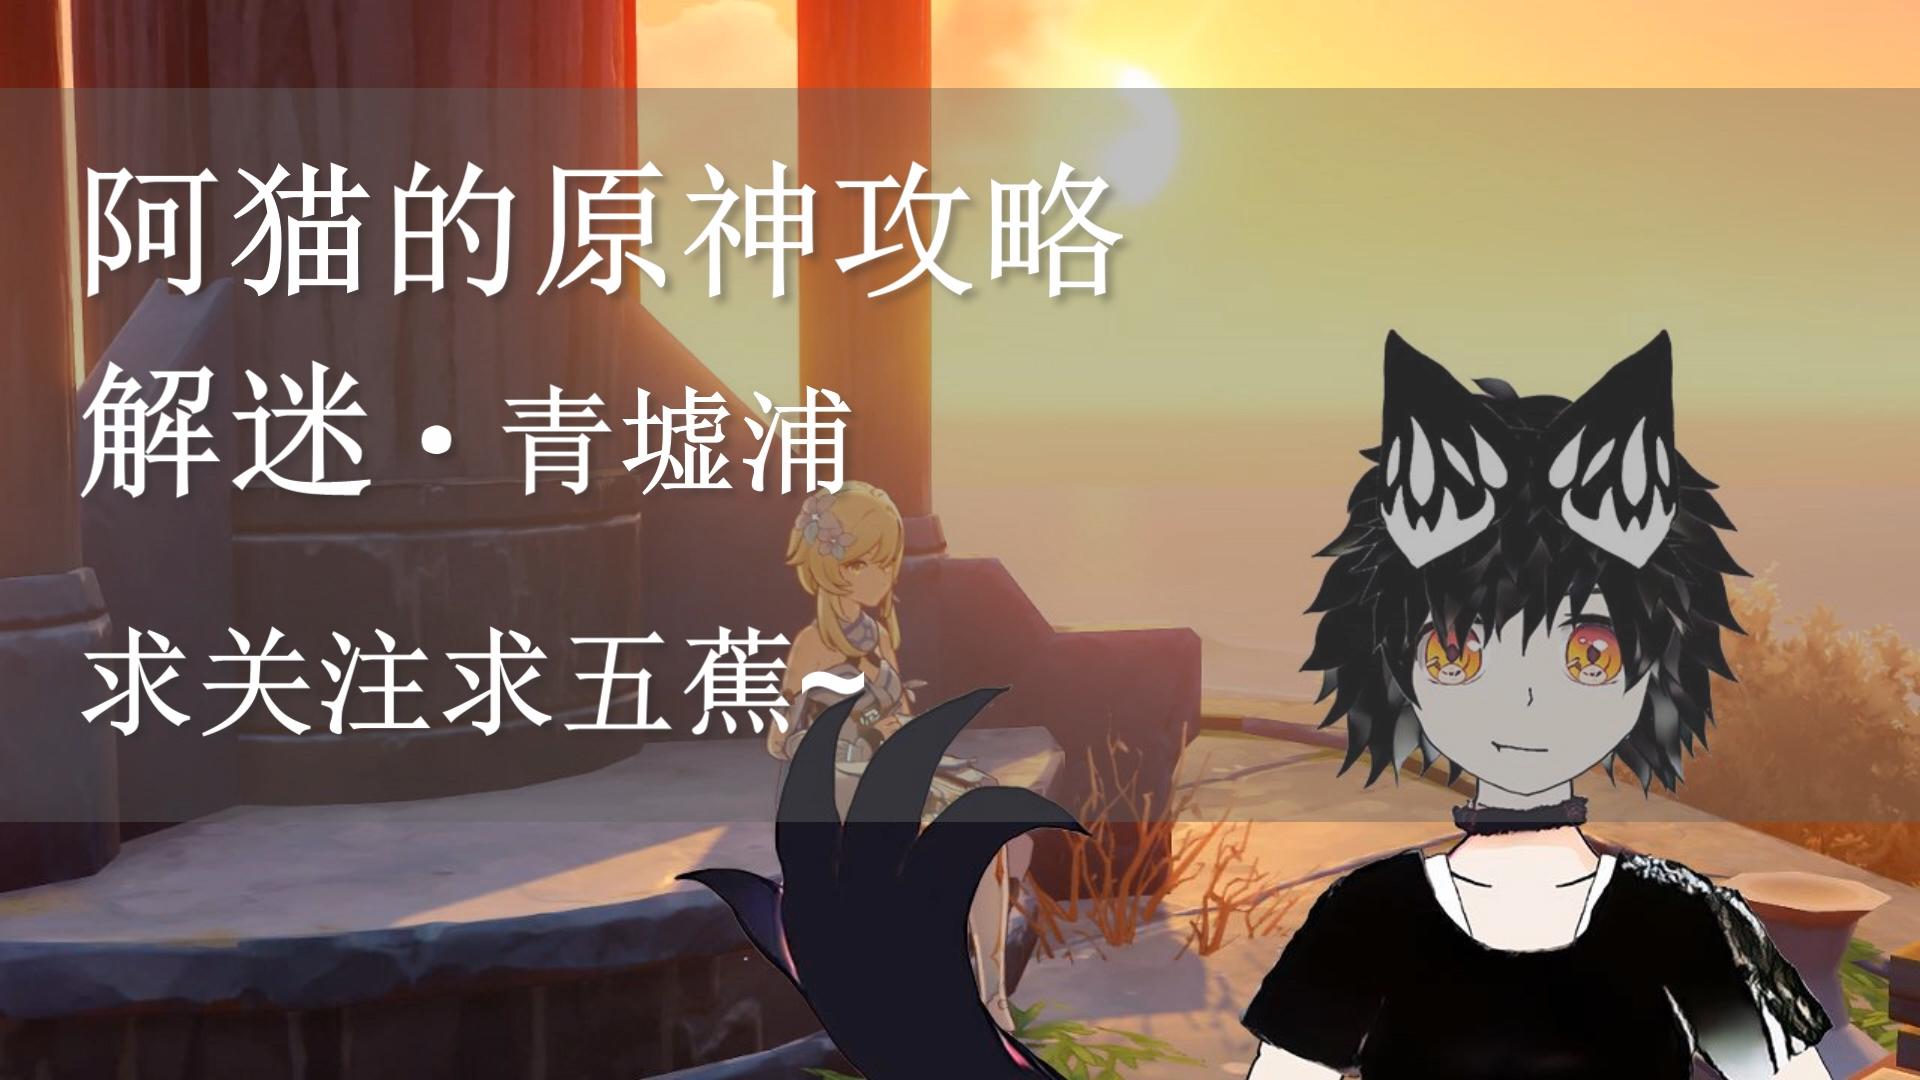 [阿猫的原神攻略]解迷·青墟浦